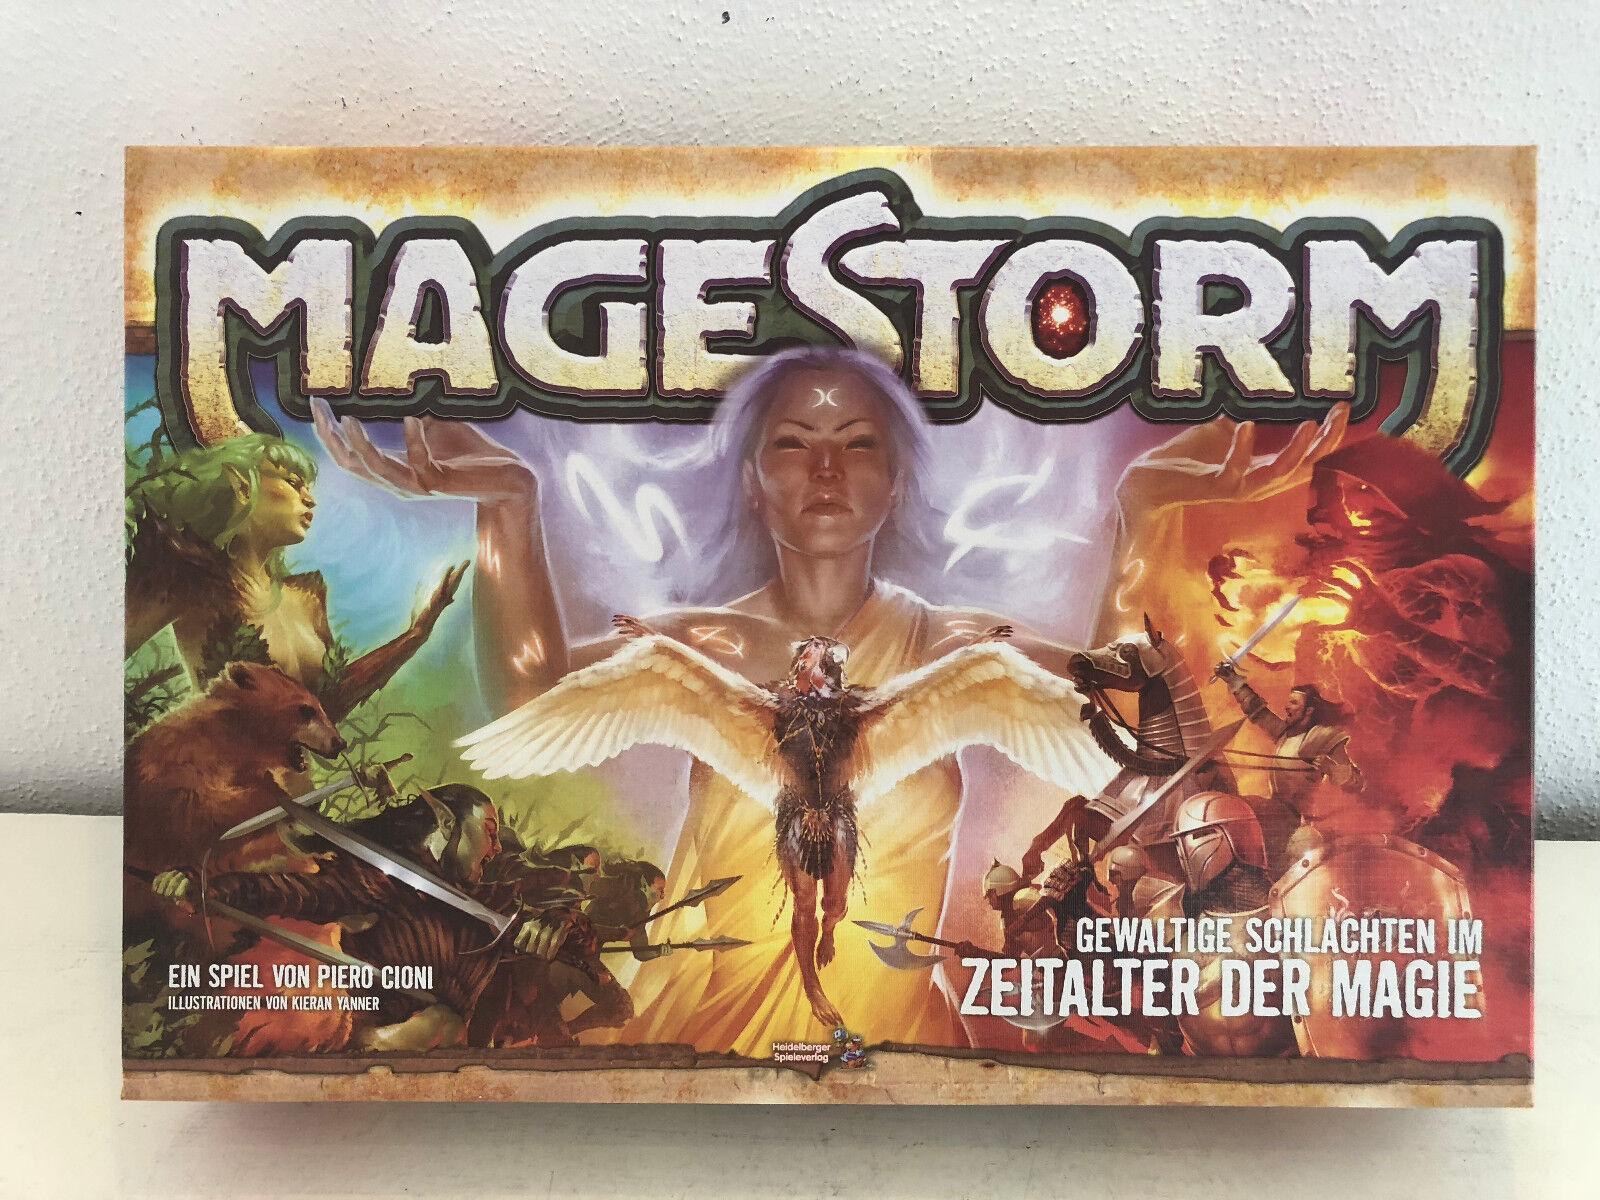 Magier sturm von nexusgames - gewaltige schlacheten im zeitalter der magie spiel